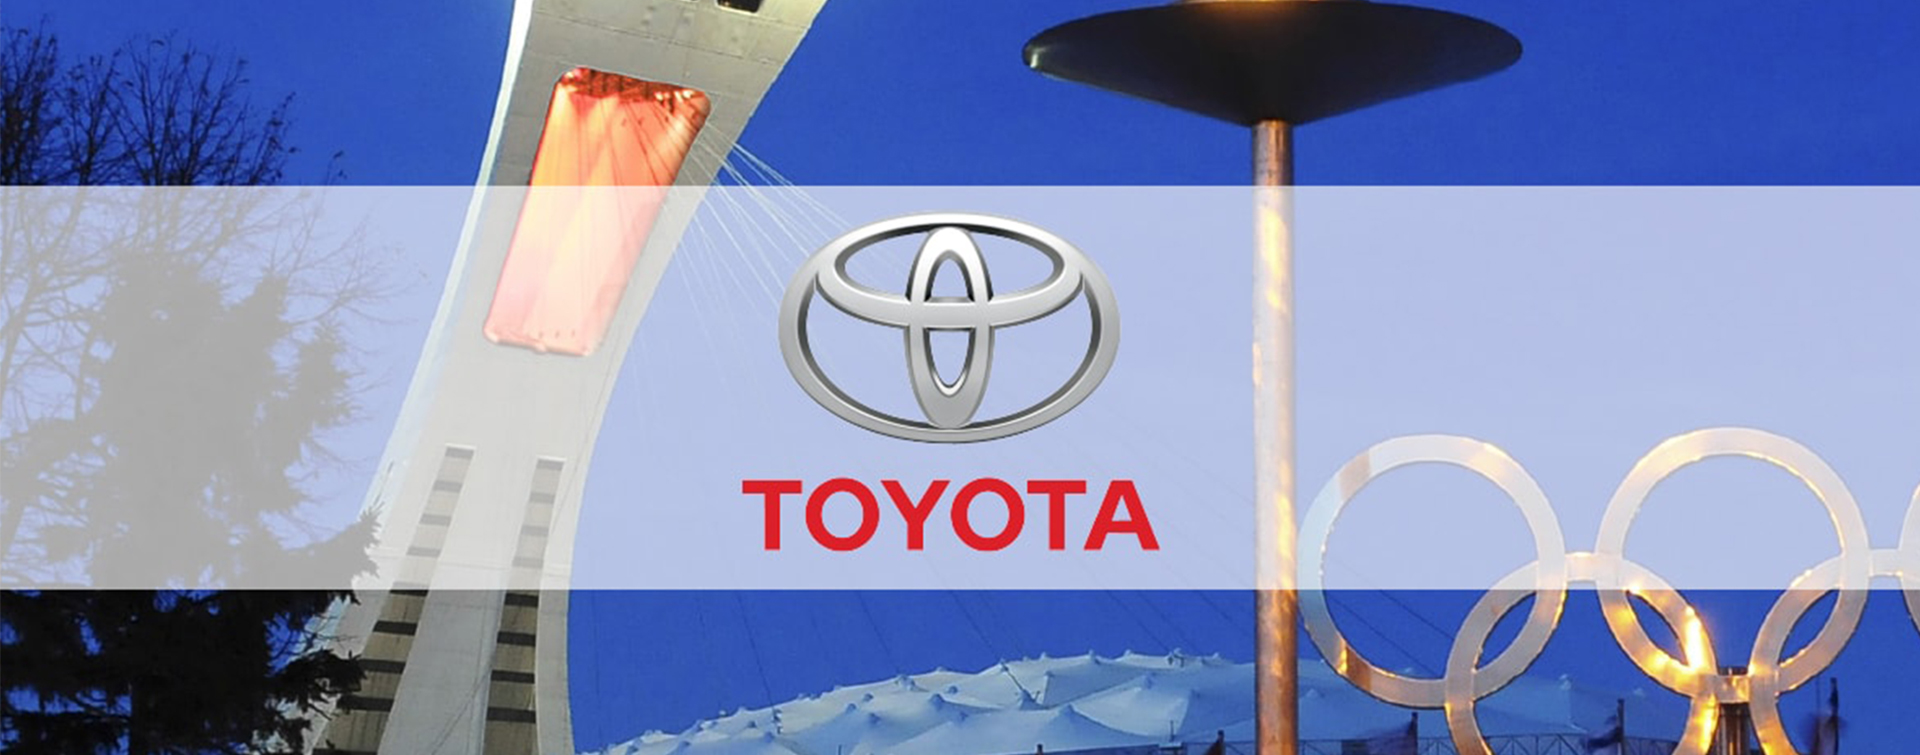 Toyota-header